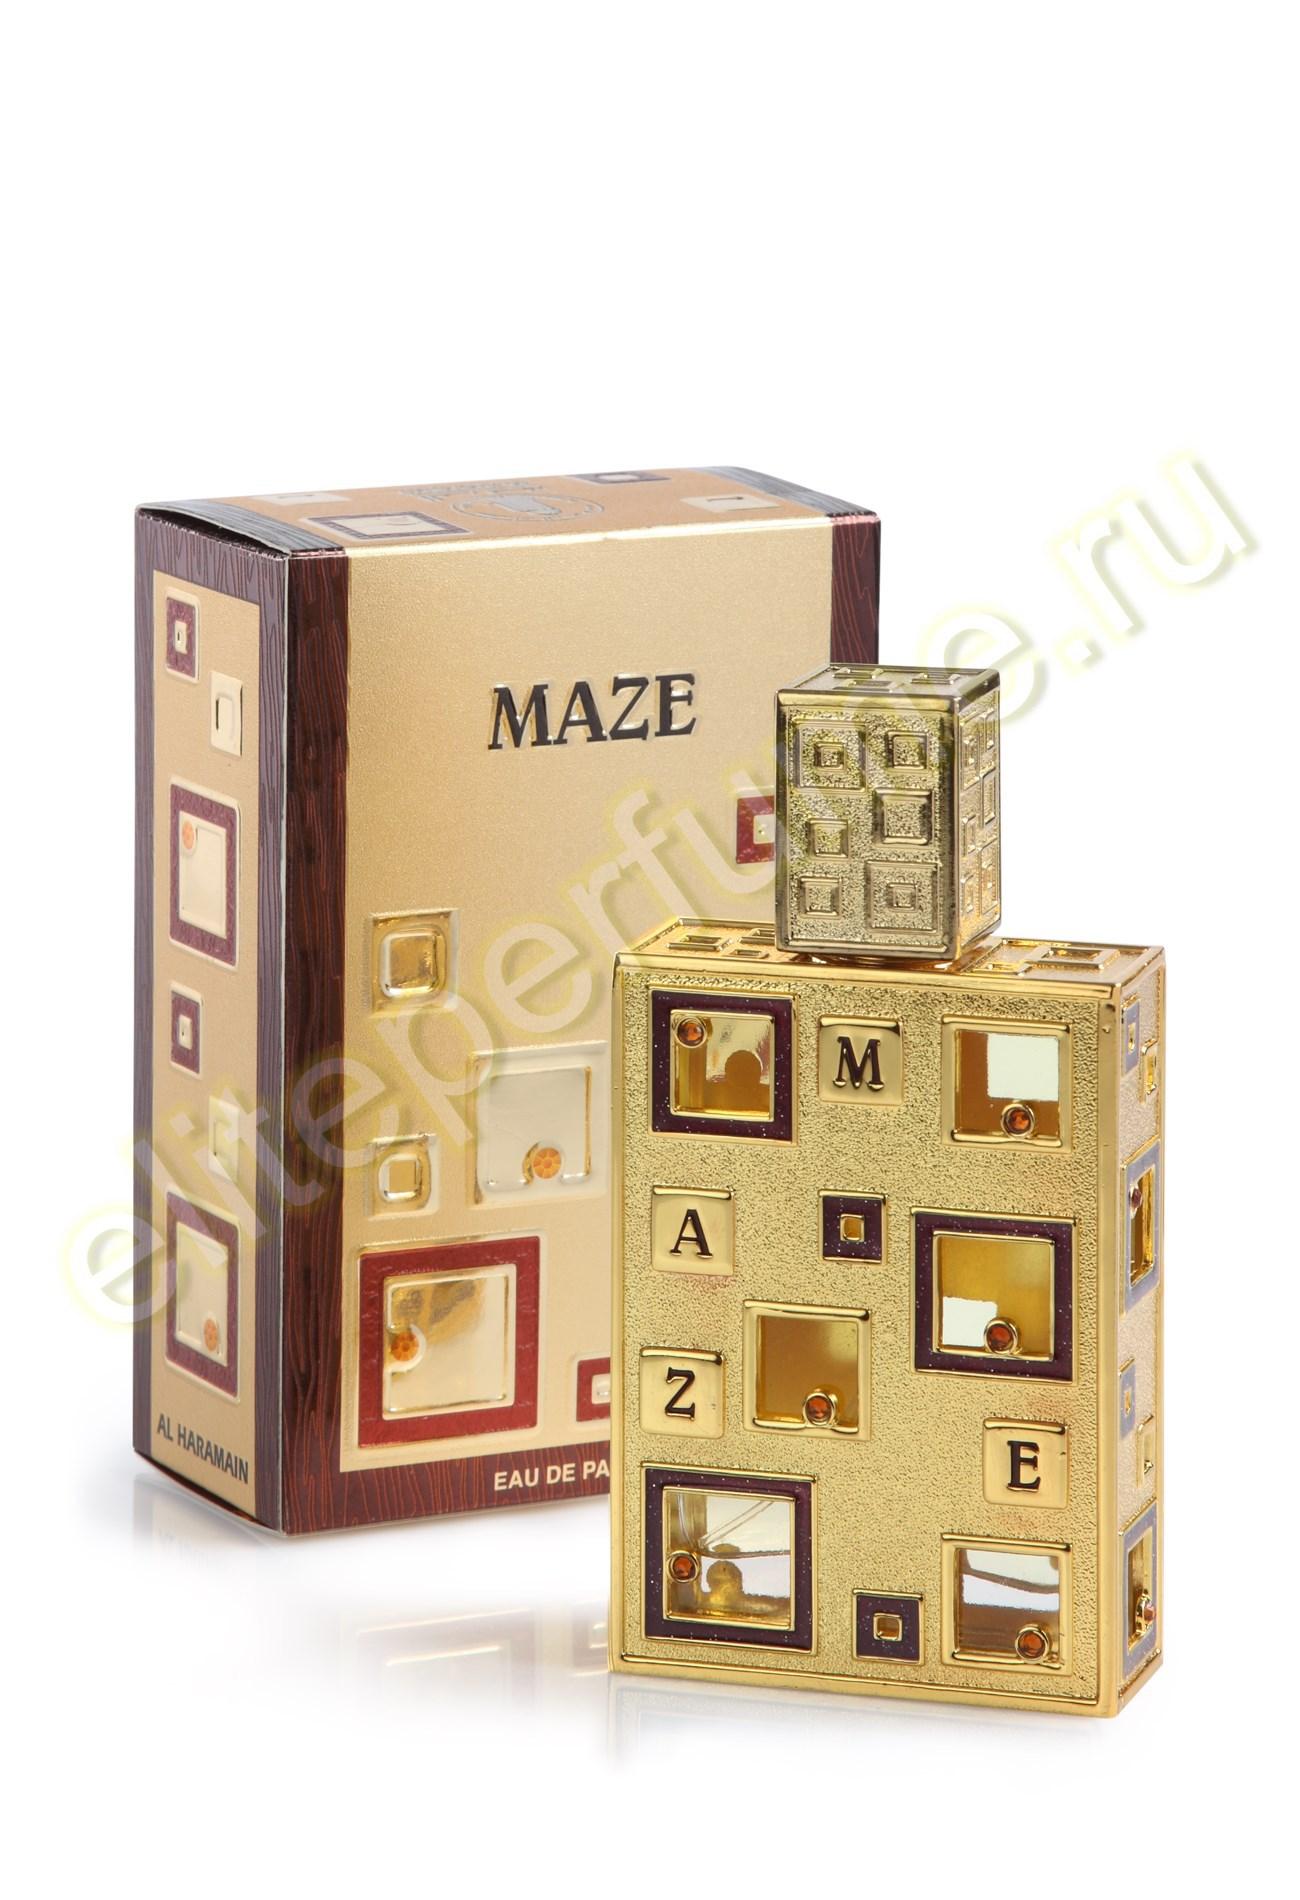 Maze Лабиринт 50 мл спрей от Аль Харамайн Al Haramain Perfumes